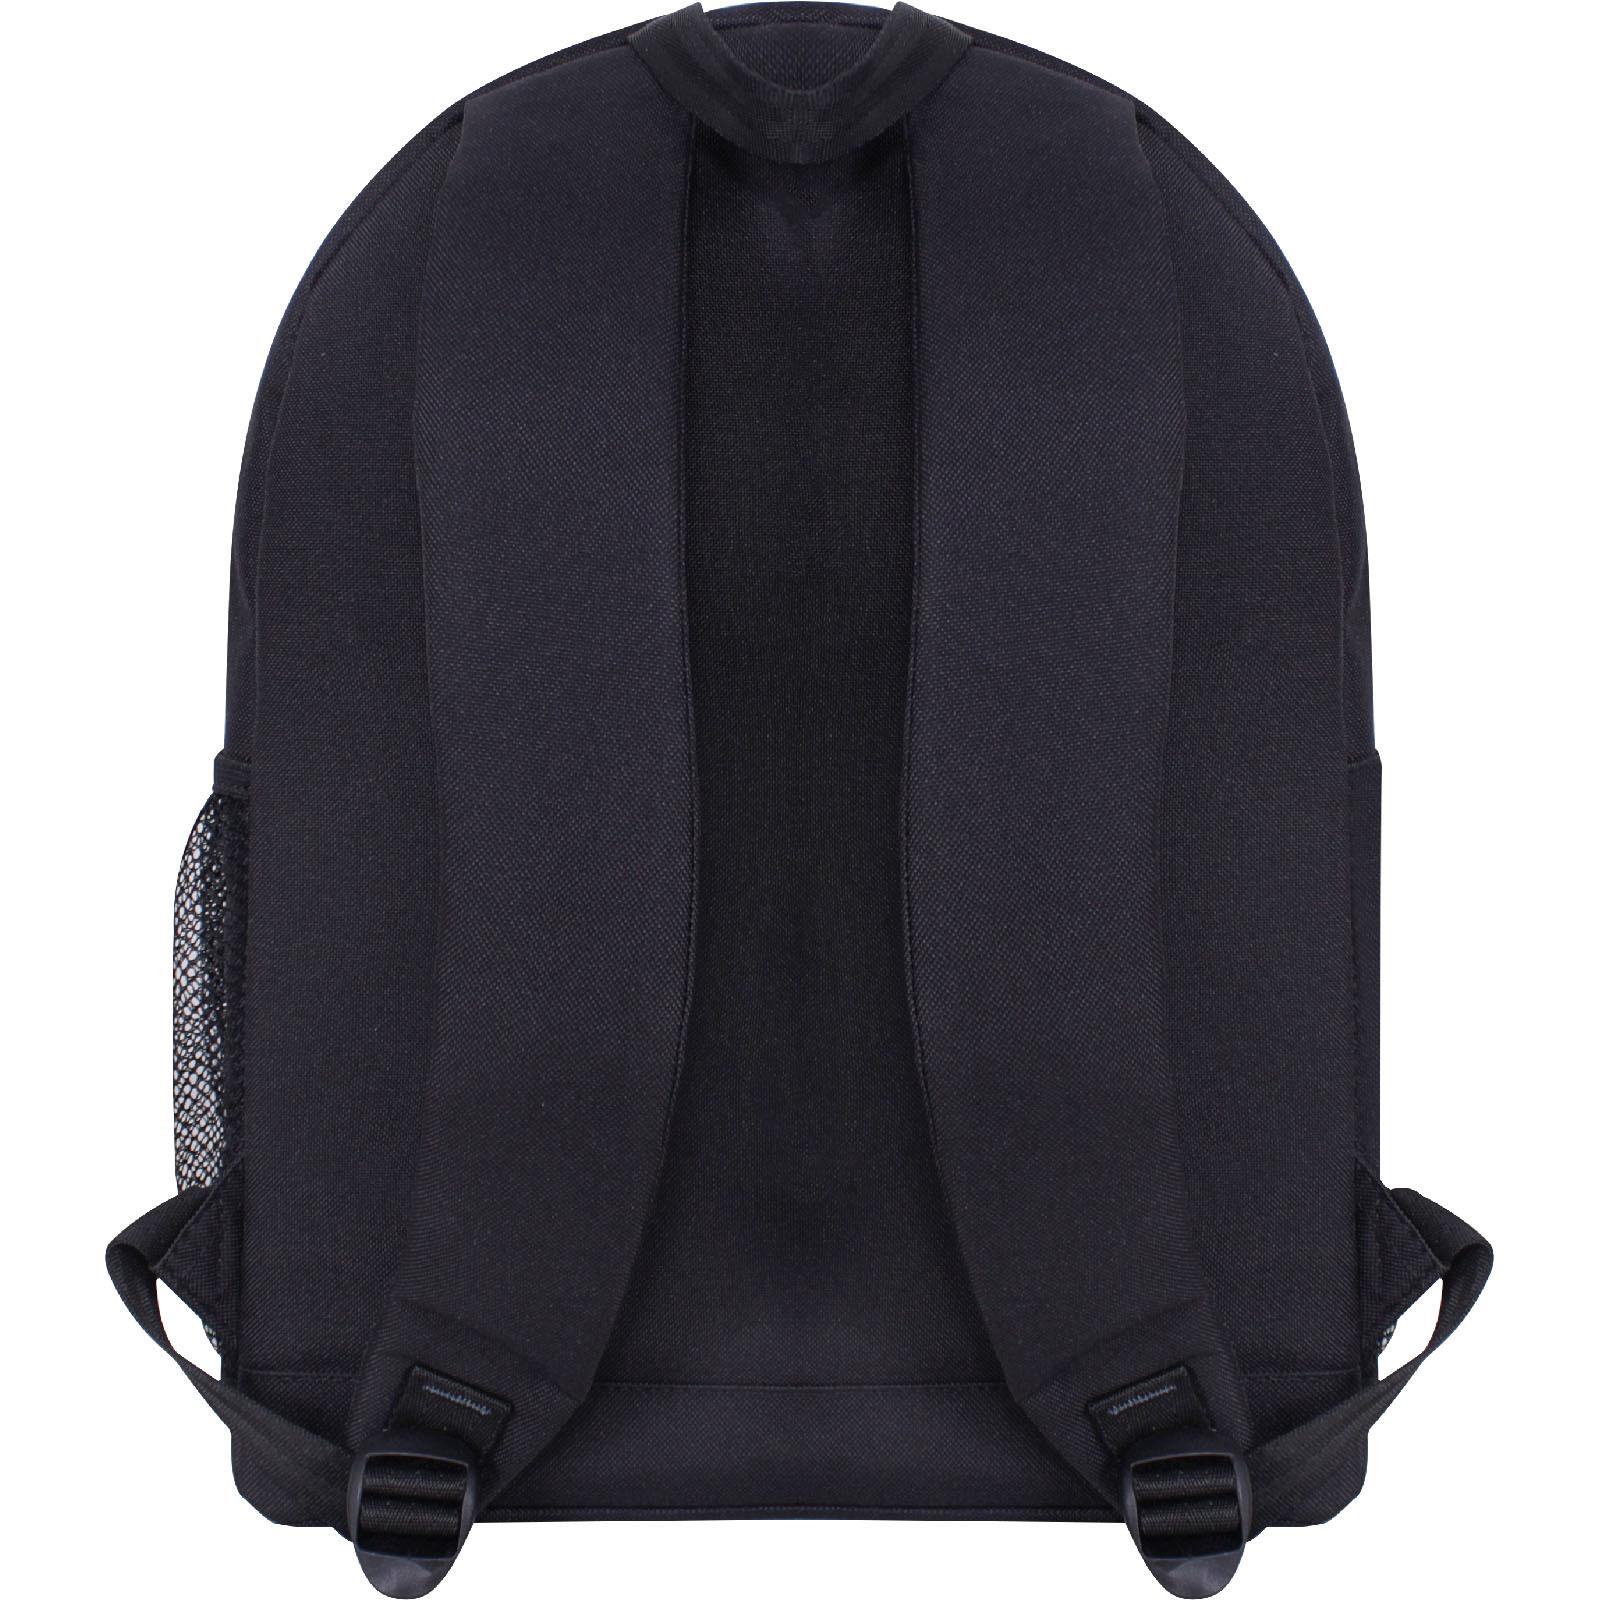 Рюкзак Bagland Молодежный W/R 17 л. черный 992 (00533662)